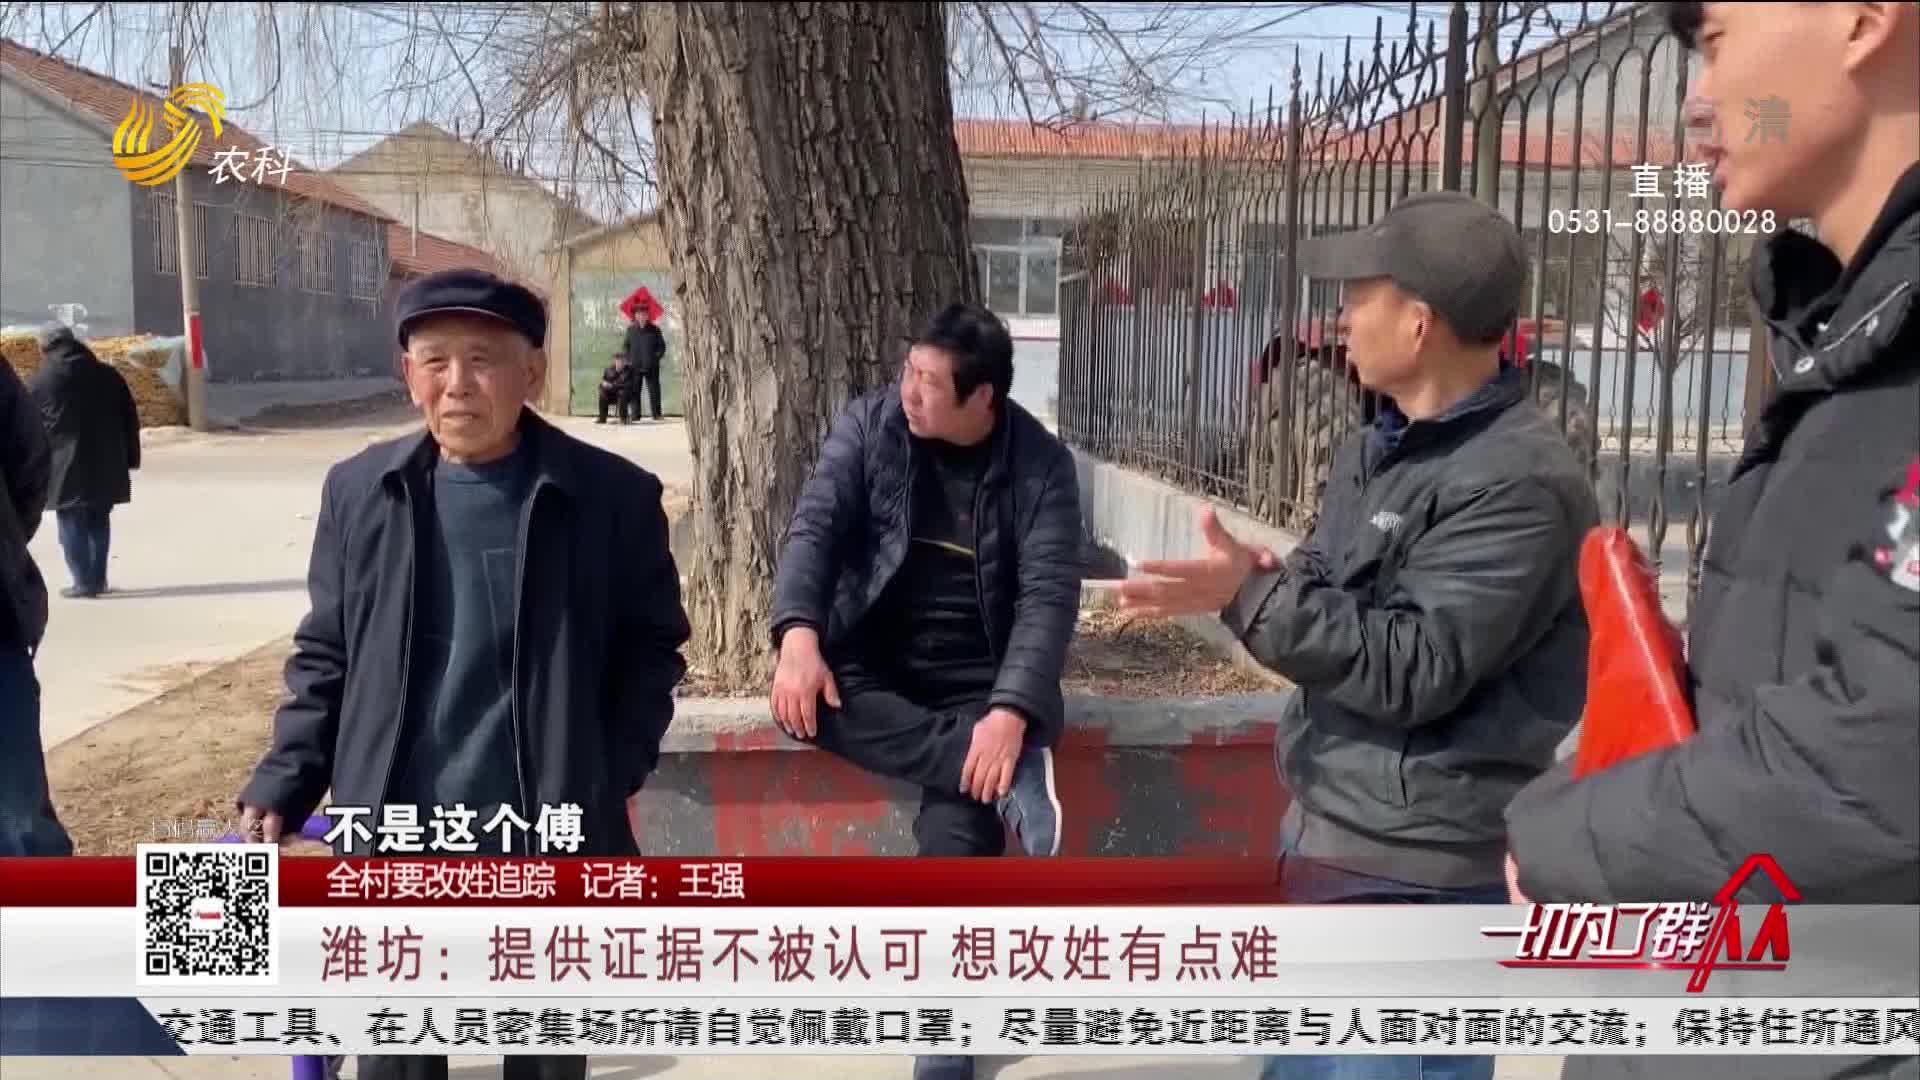 【全村要改姓追踪】潍坊:提供证据不被认可 想改姓有点难